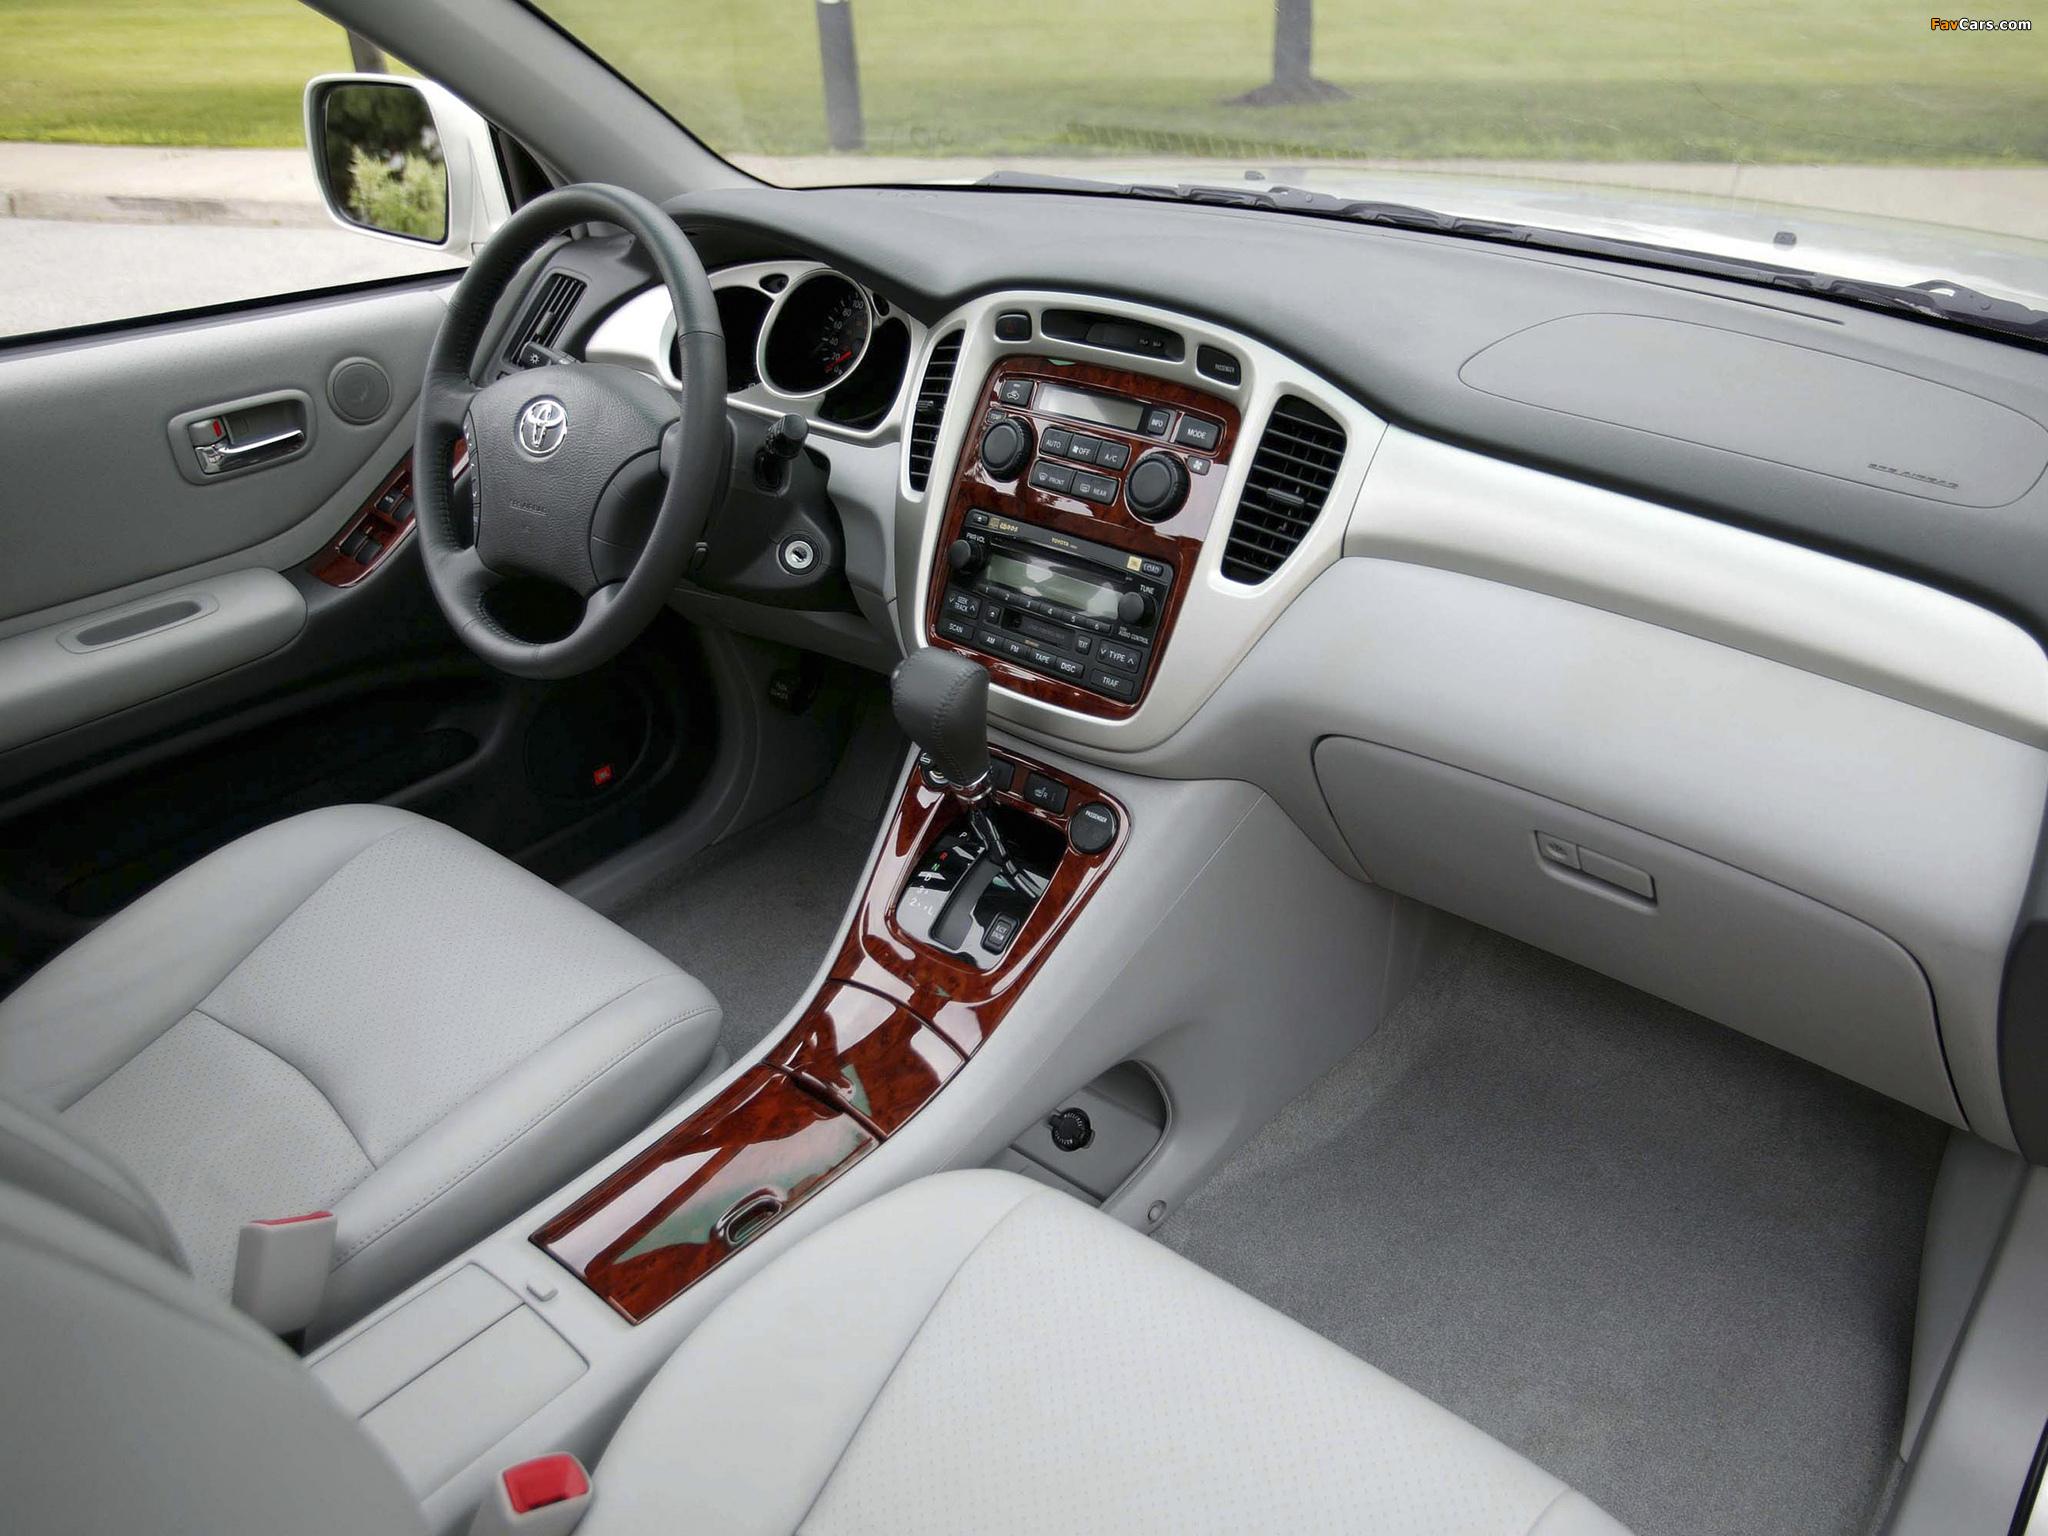 Toyota Highlander 2017 - Тойота Хайлендер Новый Описание и ...